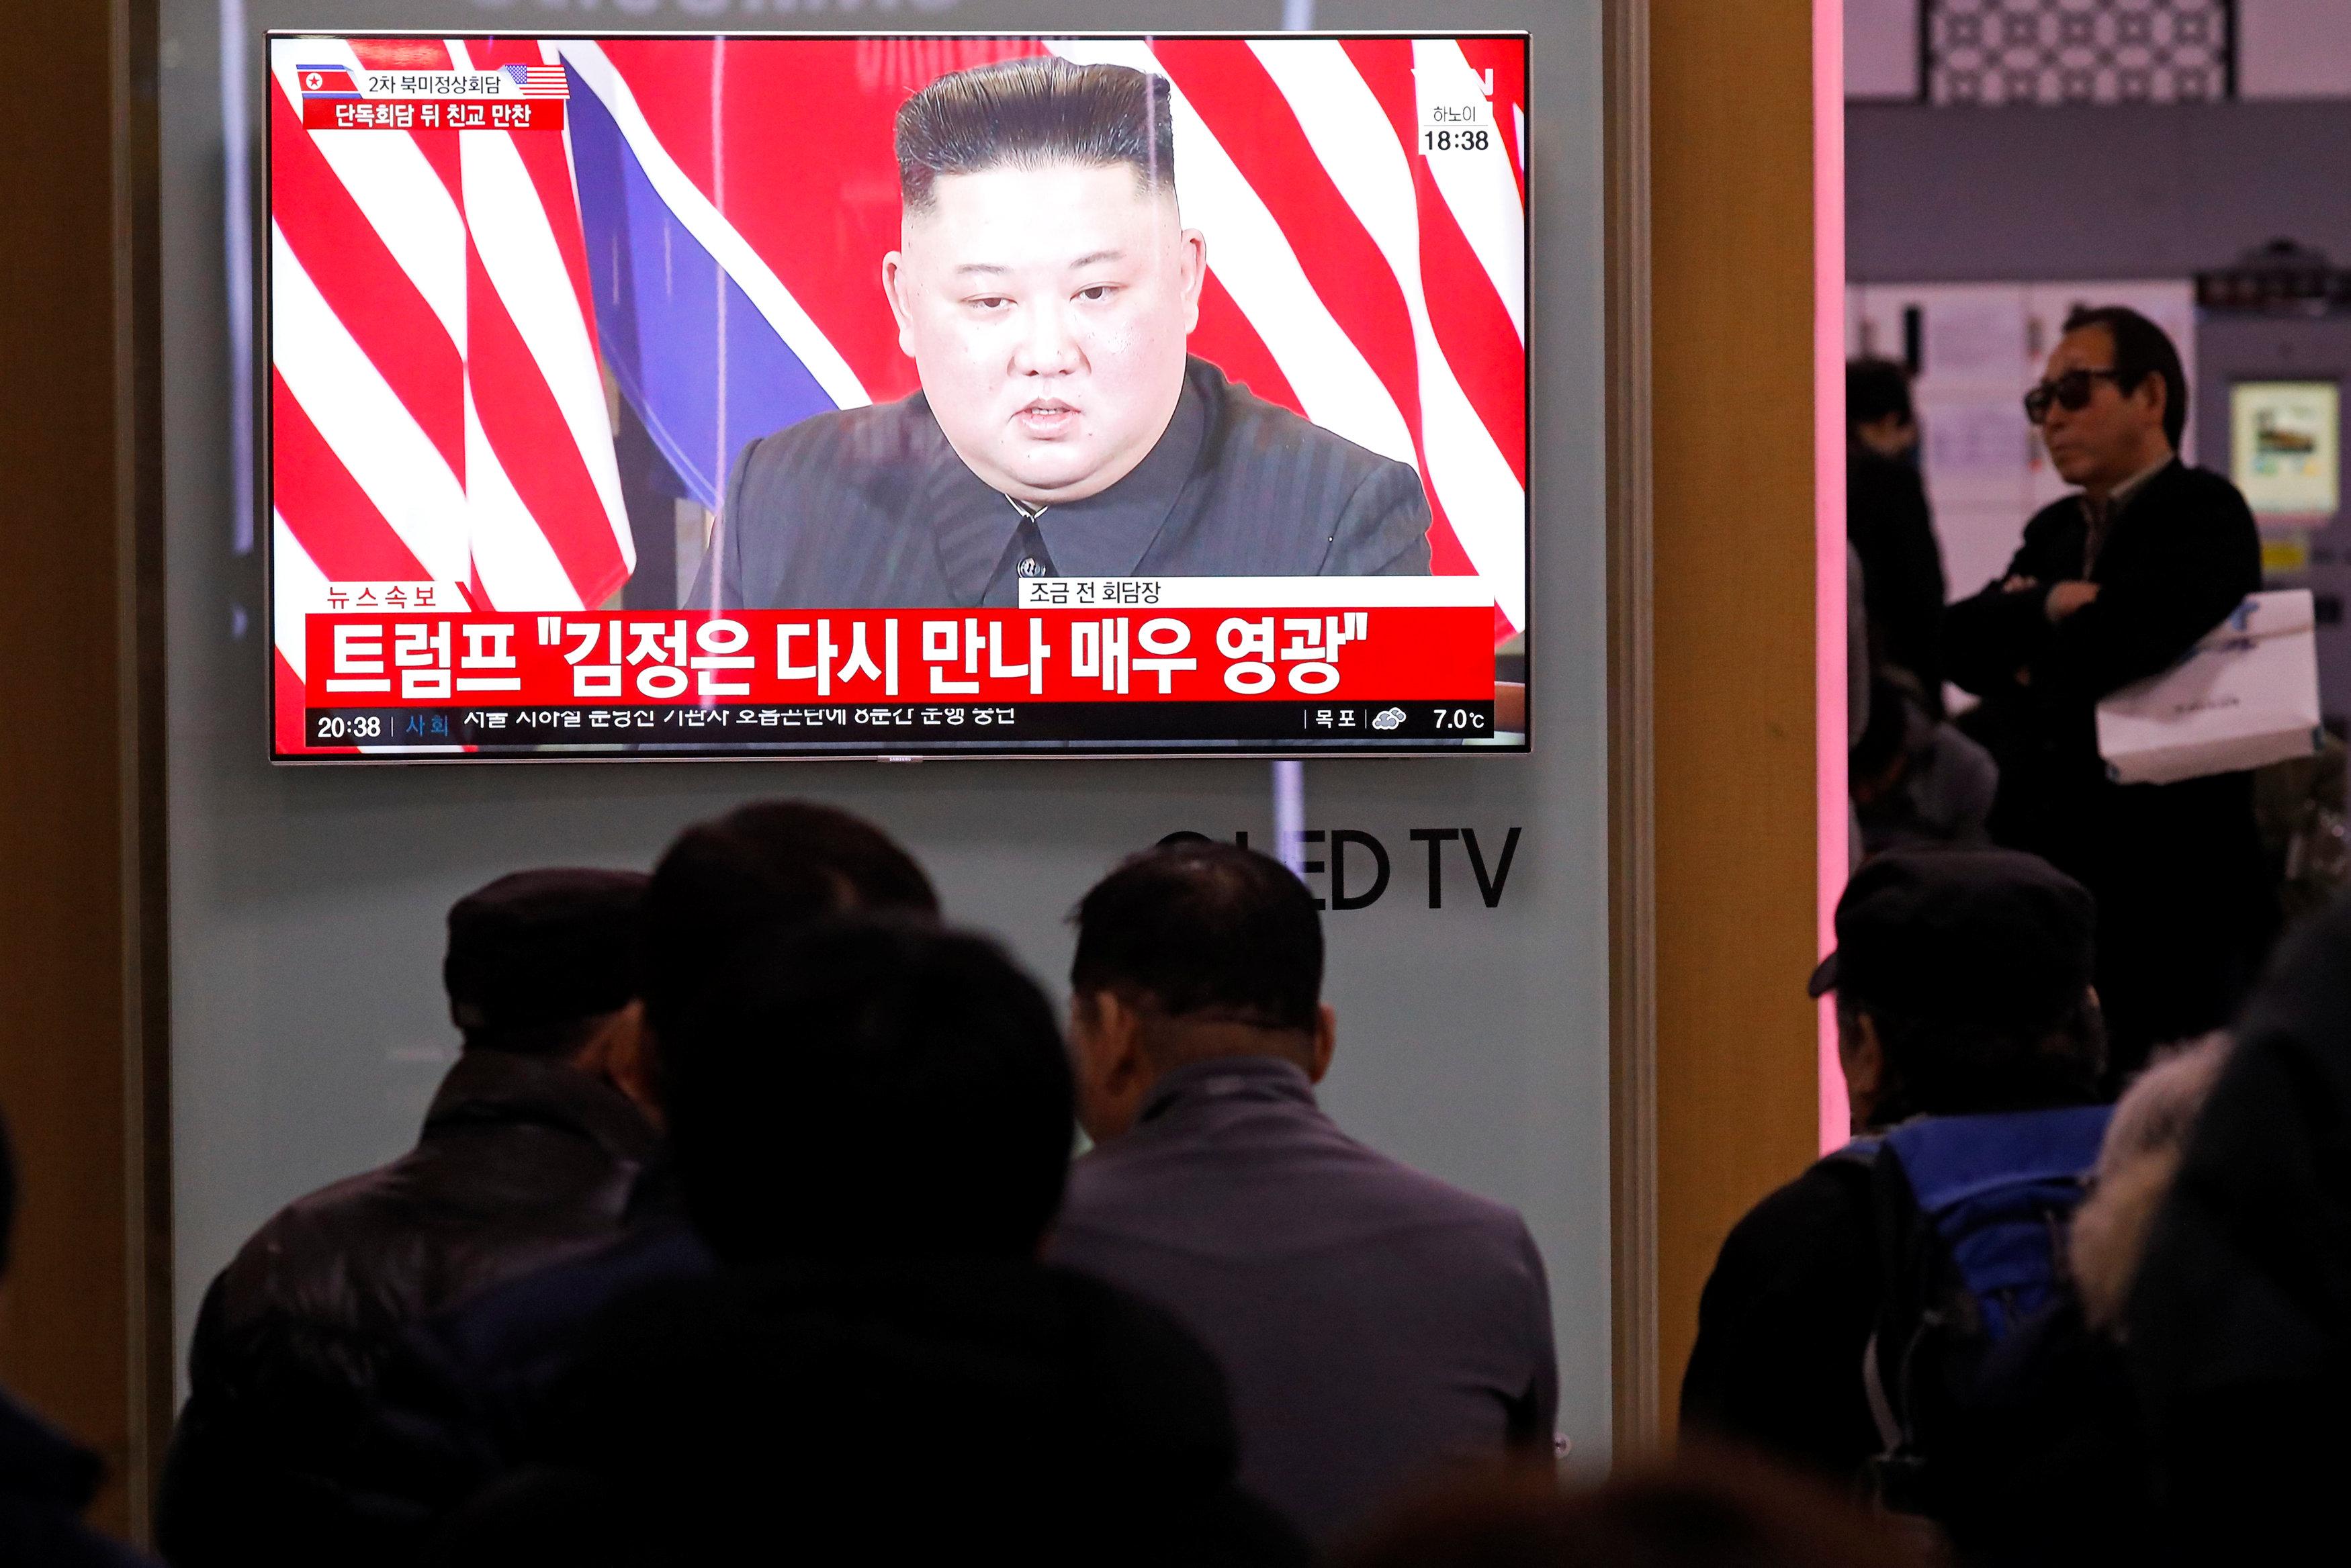 زعيم كوريا الشمالية يظهر على أحد الشاشات أثناء القمة